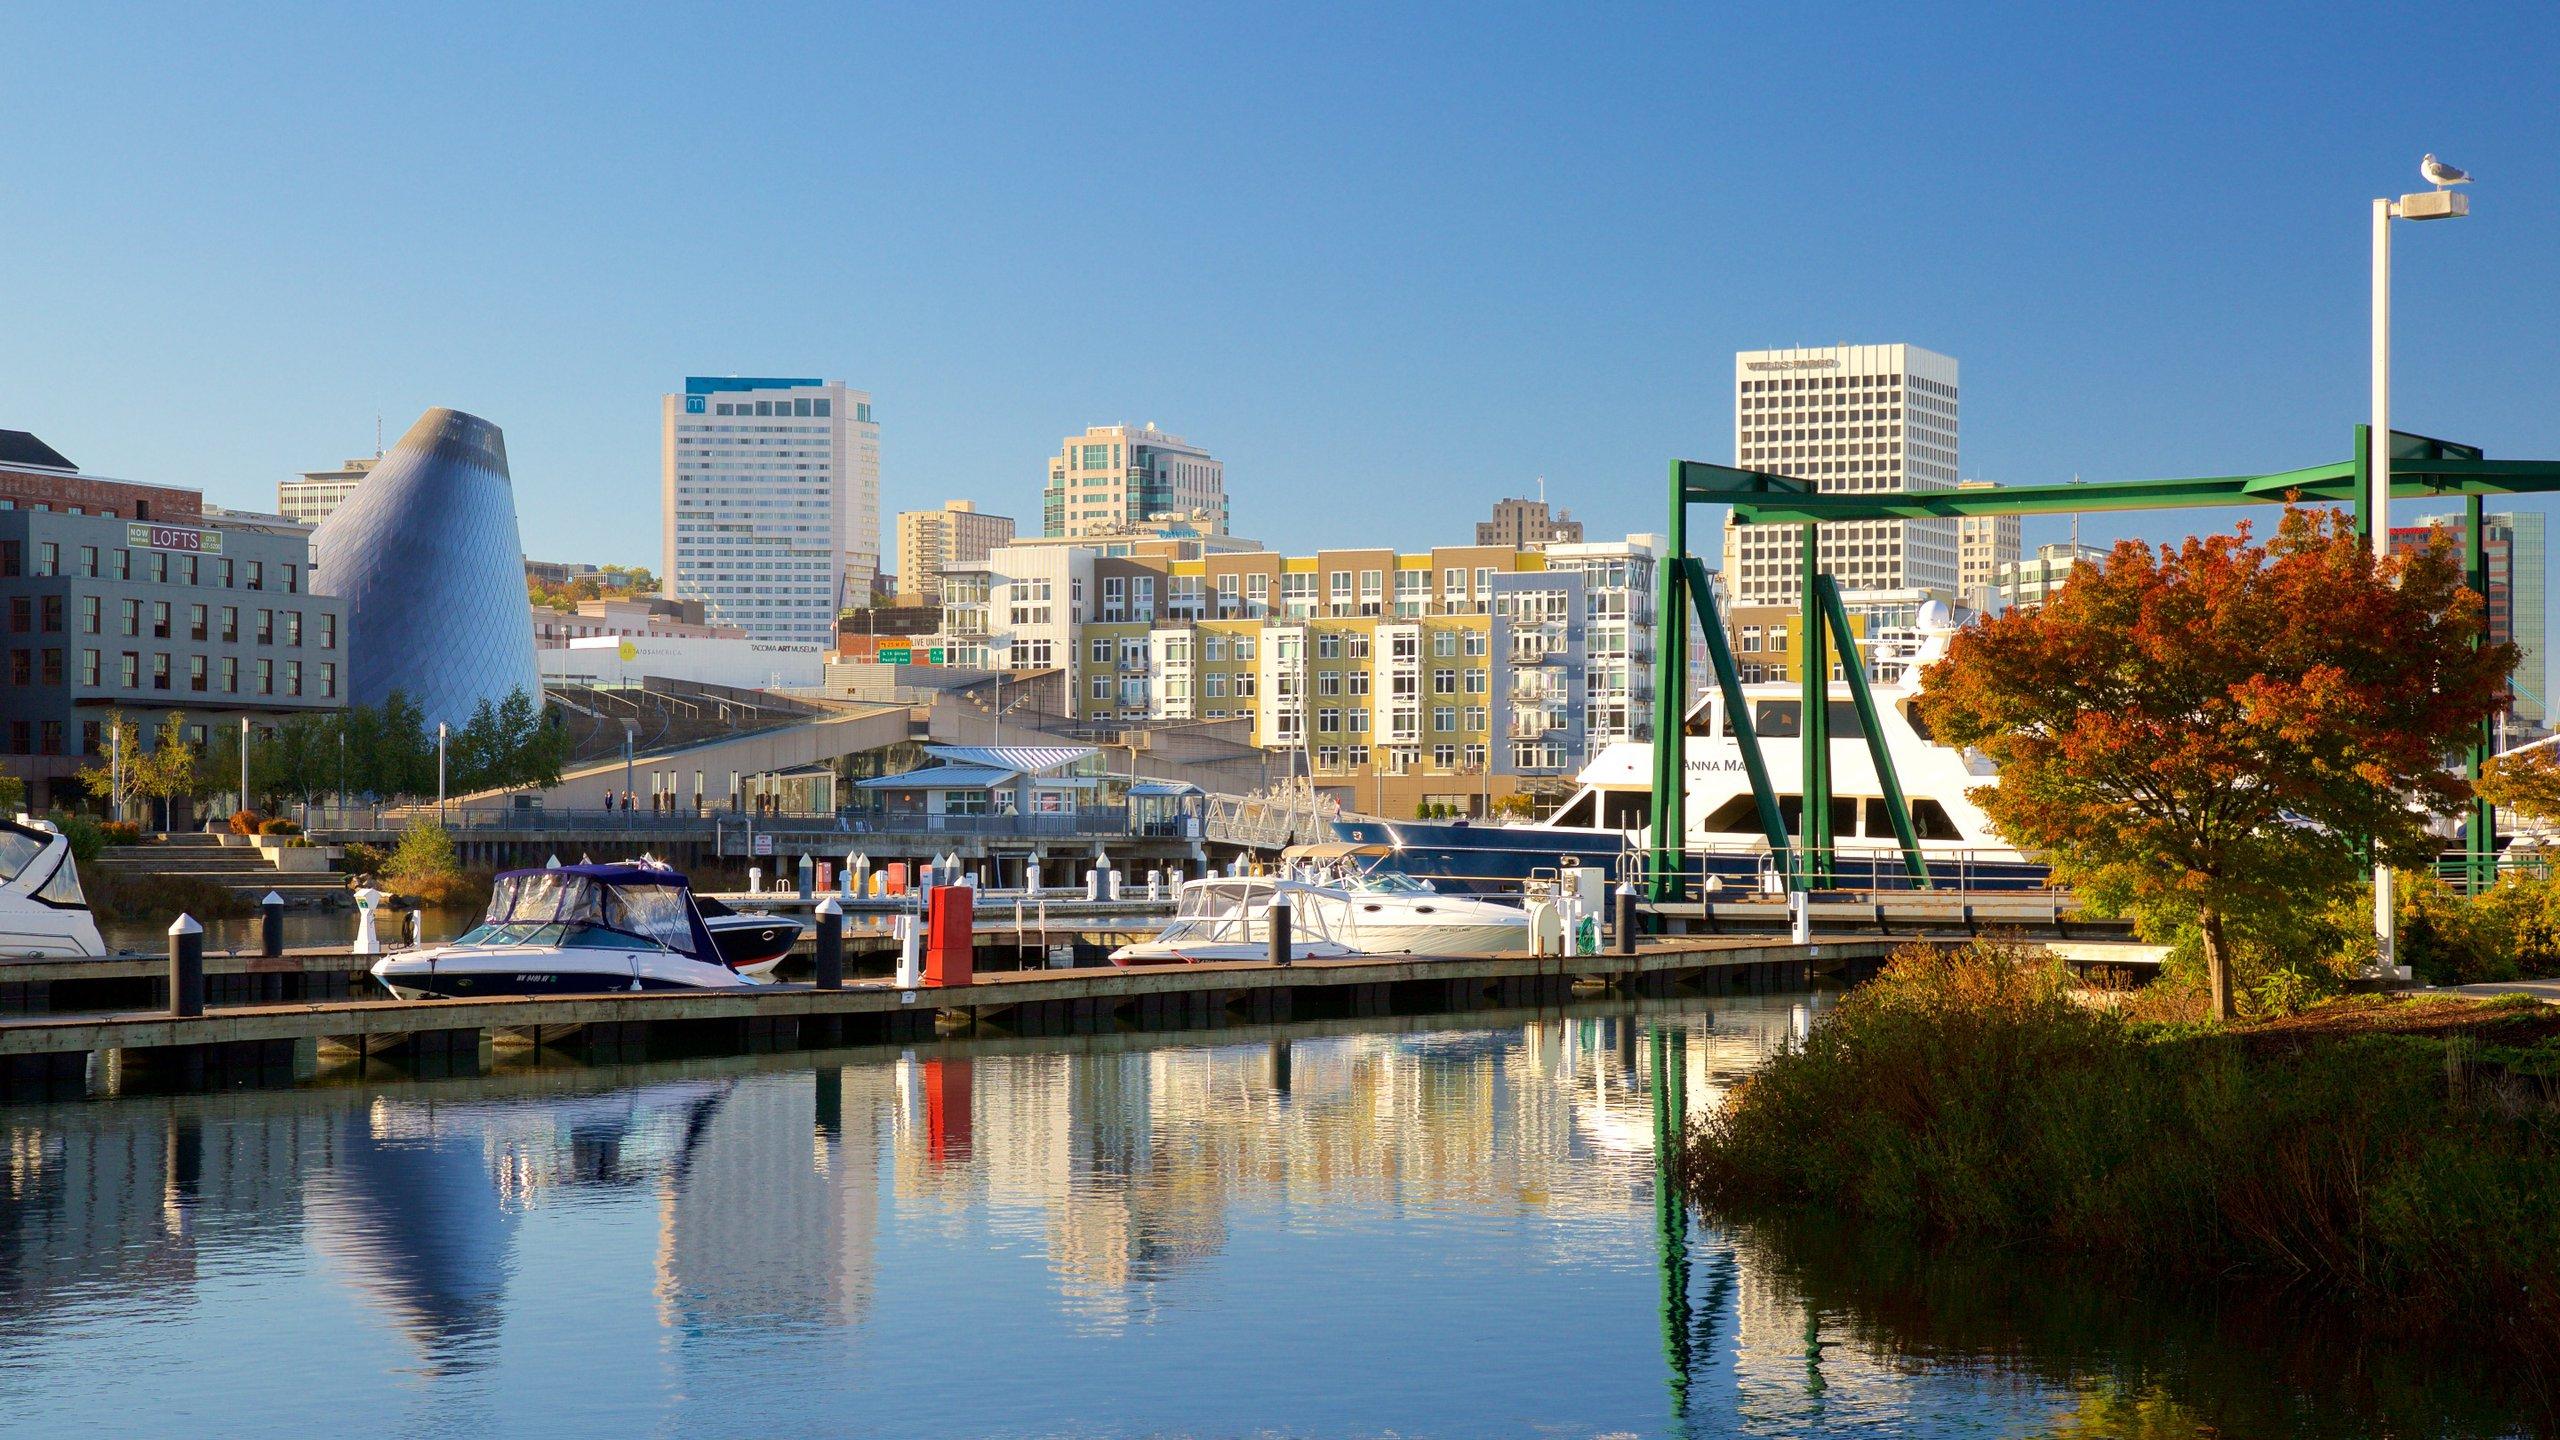 Puget Sound, Washington, United States of America